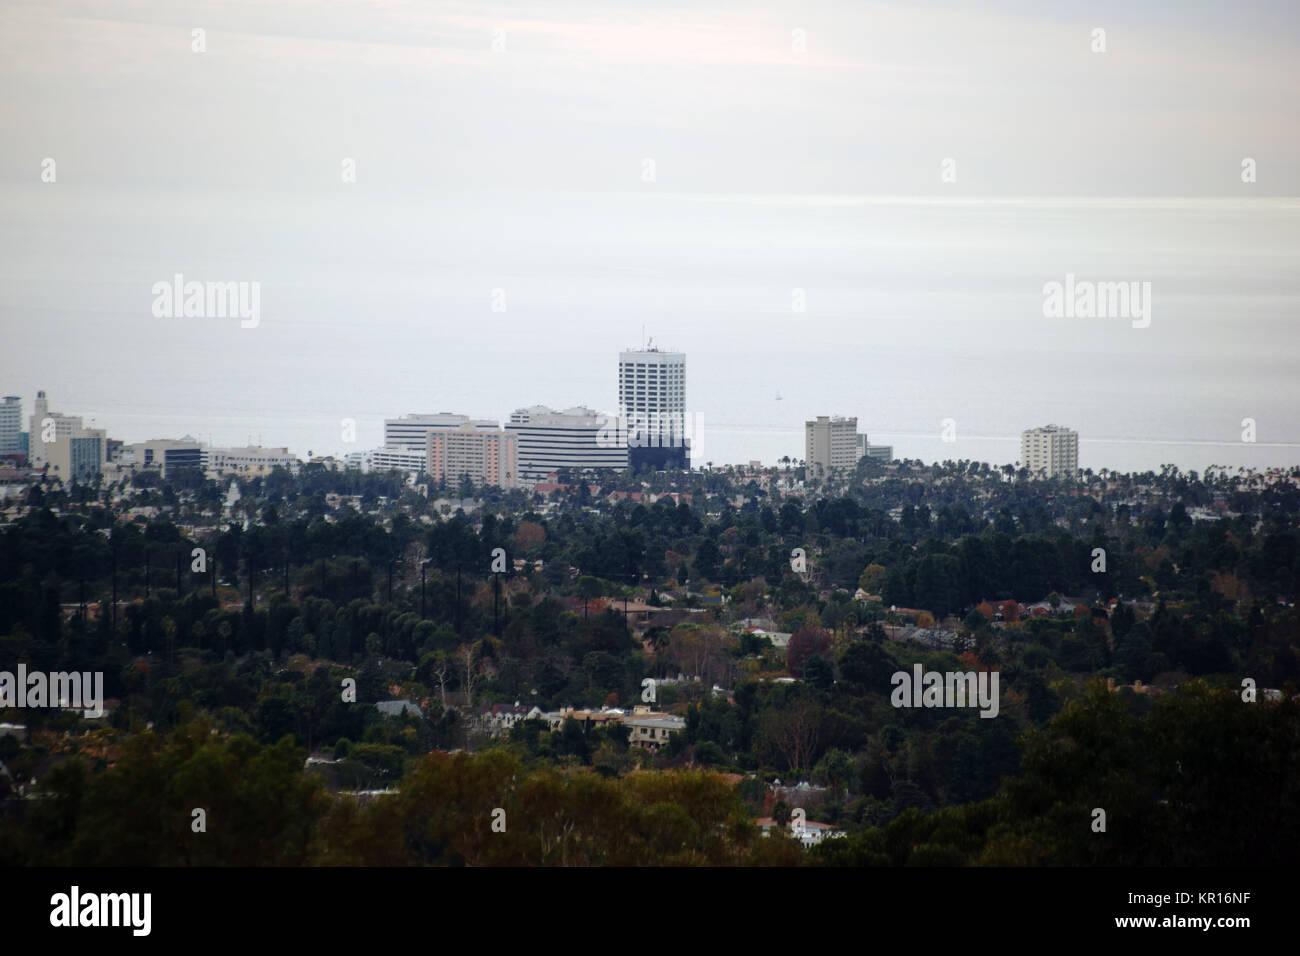 Die Skyline von Los Angeles mit verschiedenen Hochhäusern an der Küste des Pazifischen Ozeans. - Stock Image